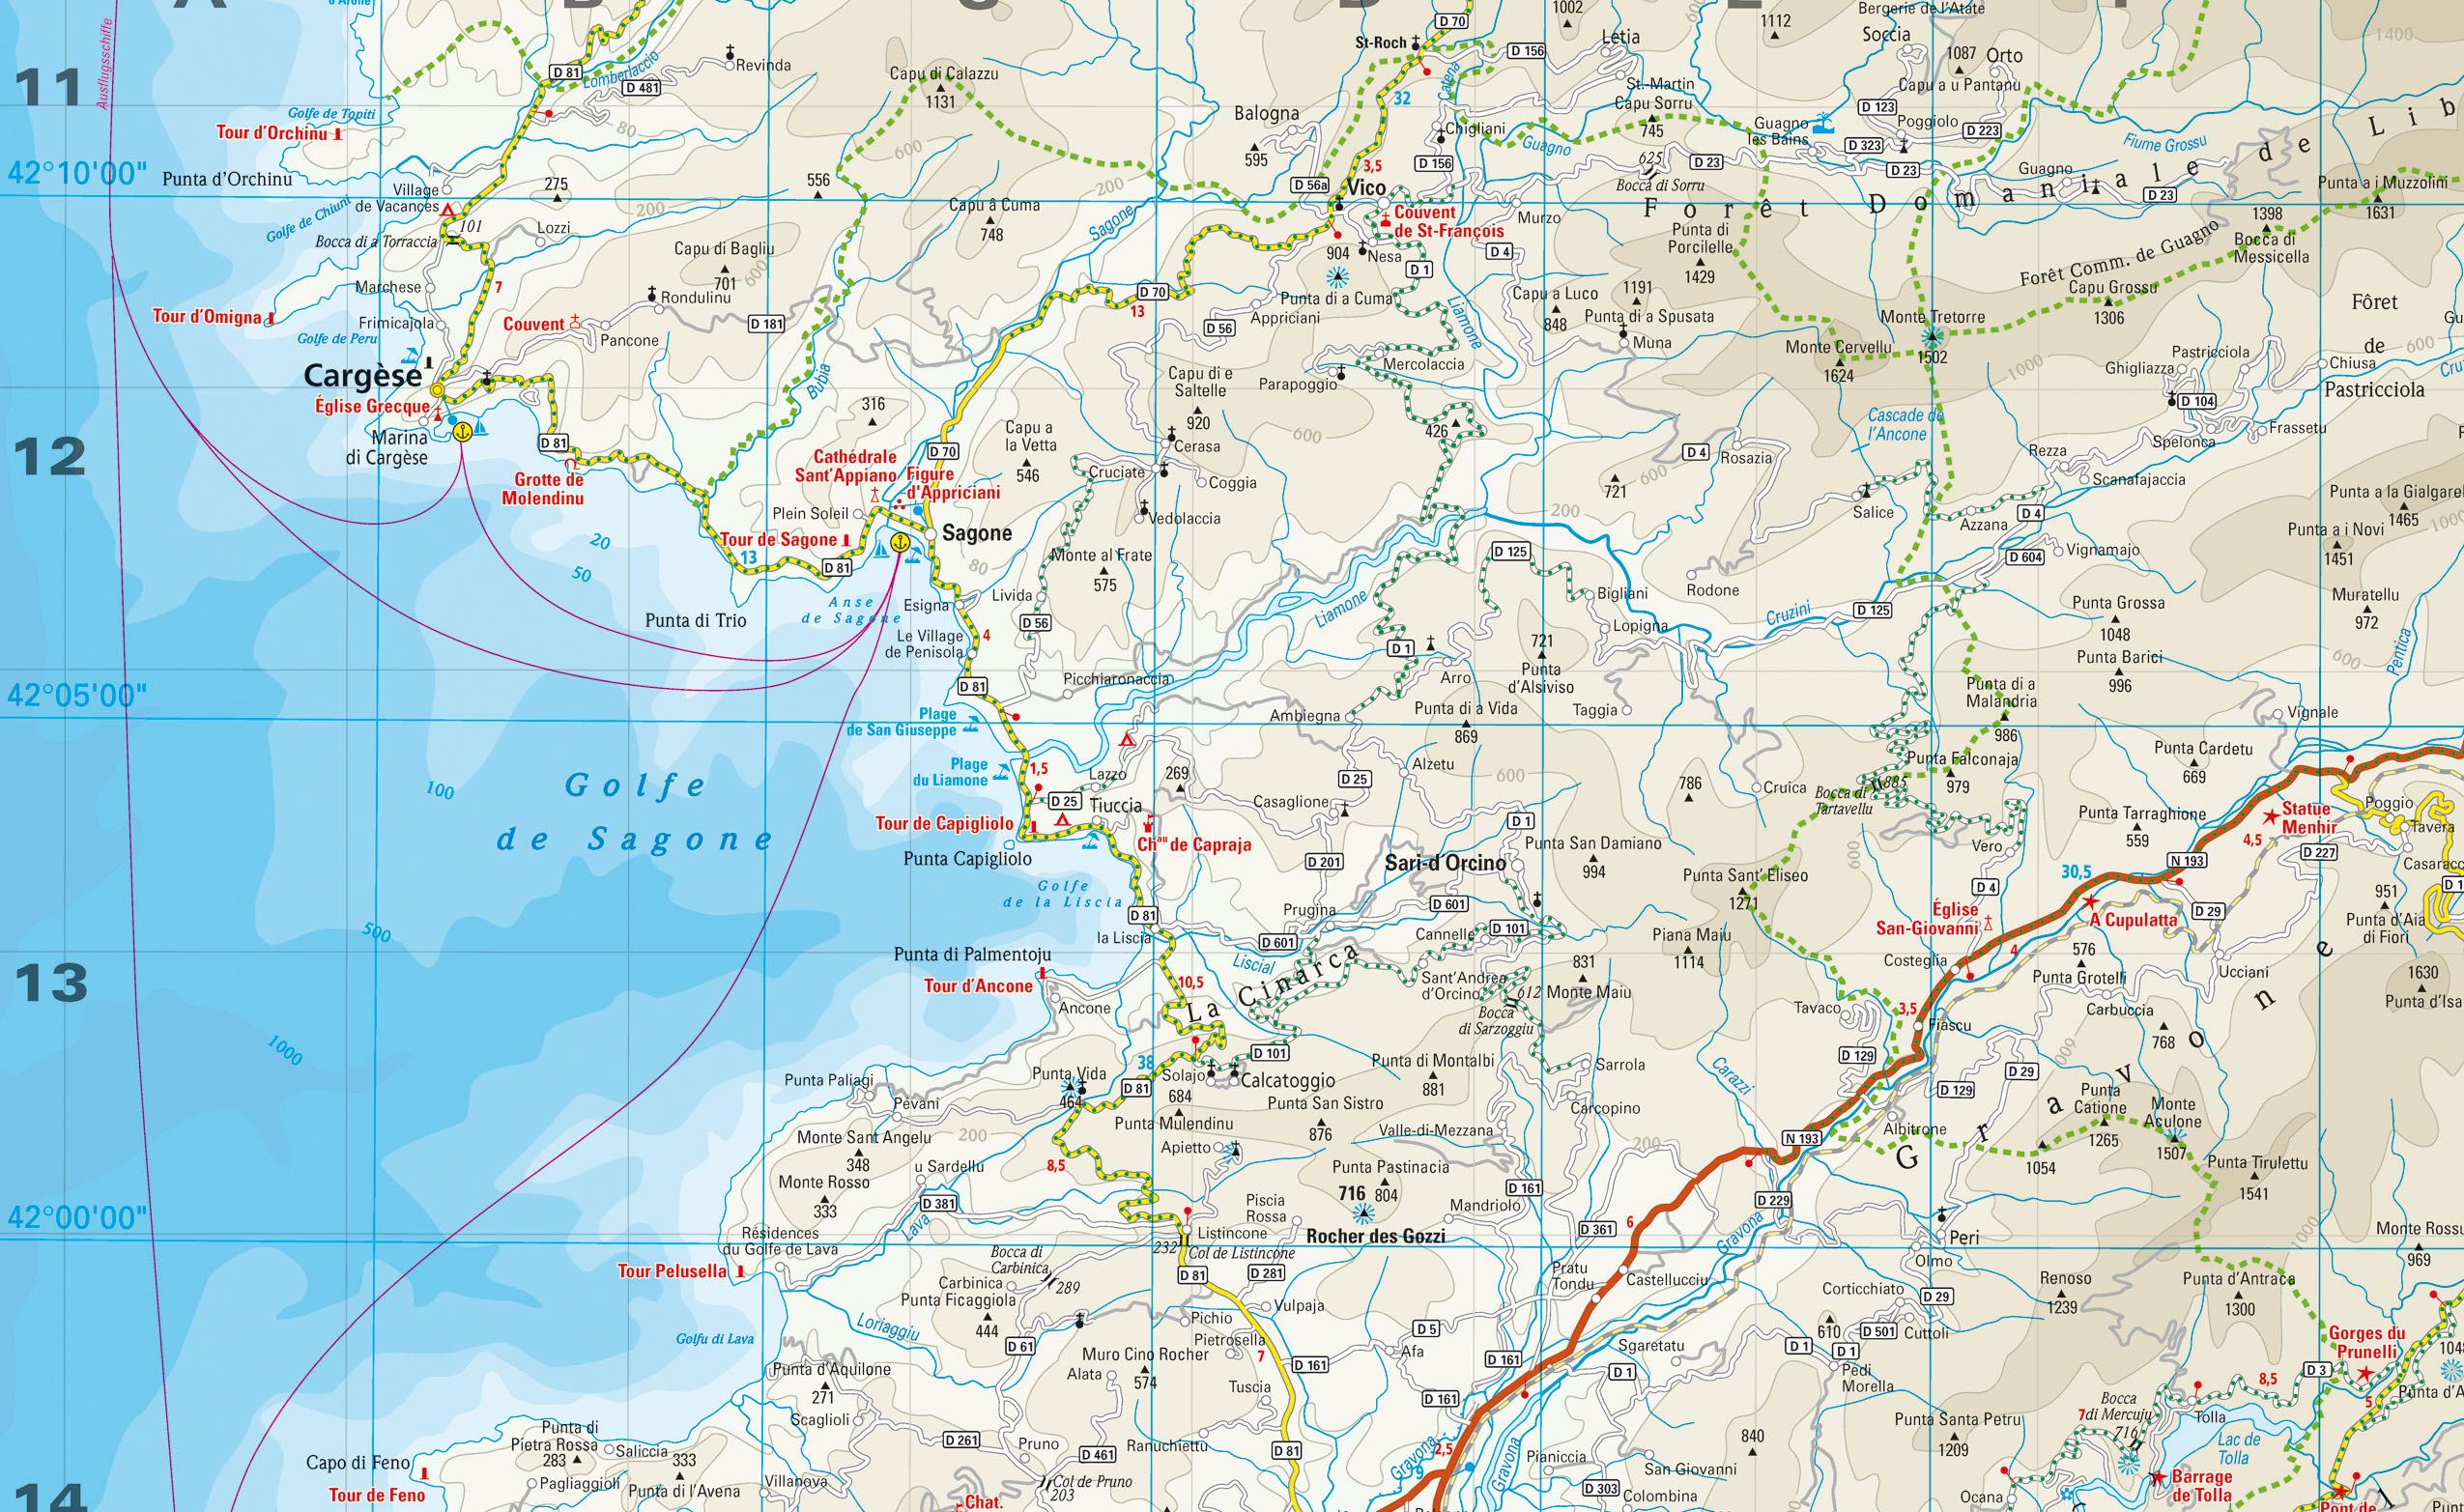 Karte Golf Von Sagone